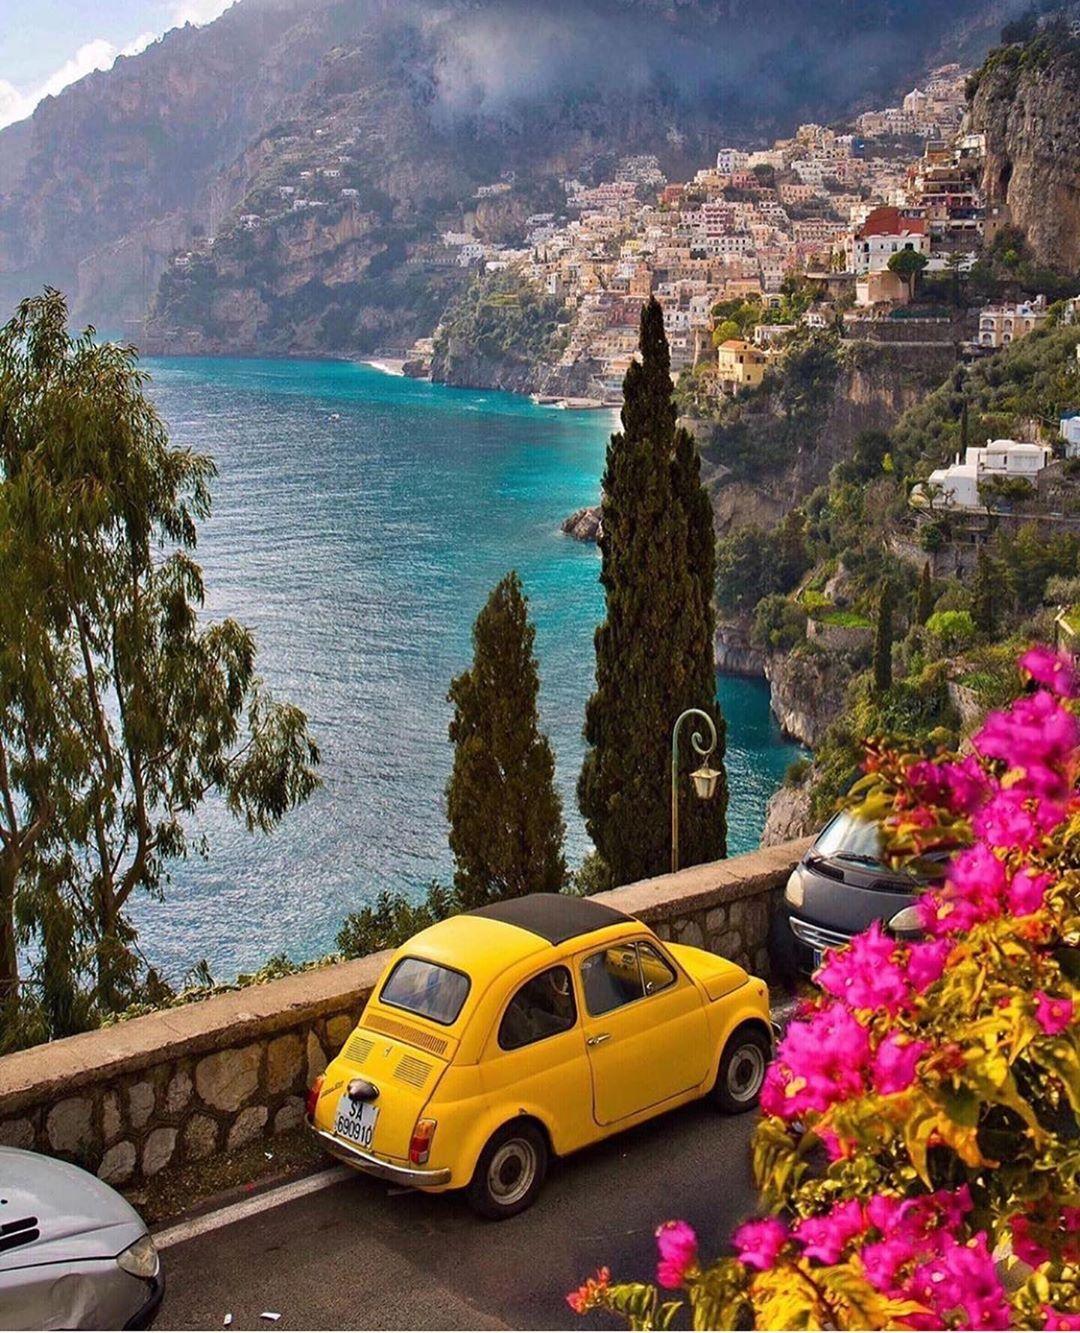 Les maisons de campagne en Italie - Robert Fitzgerald